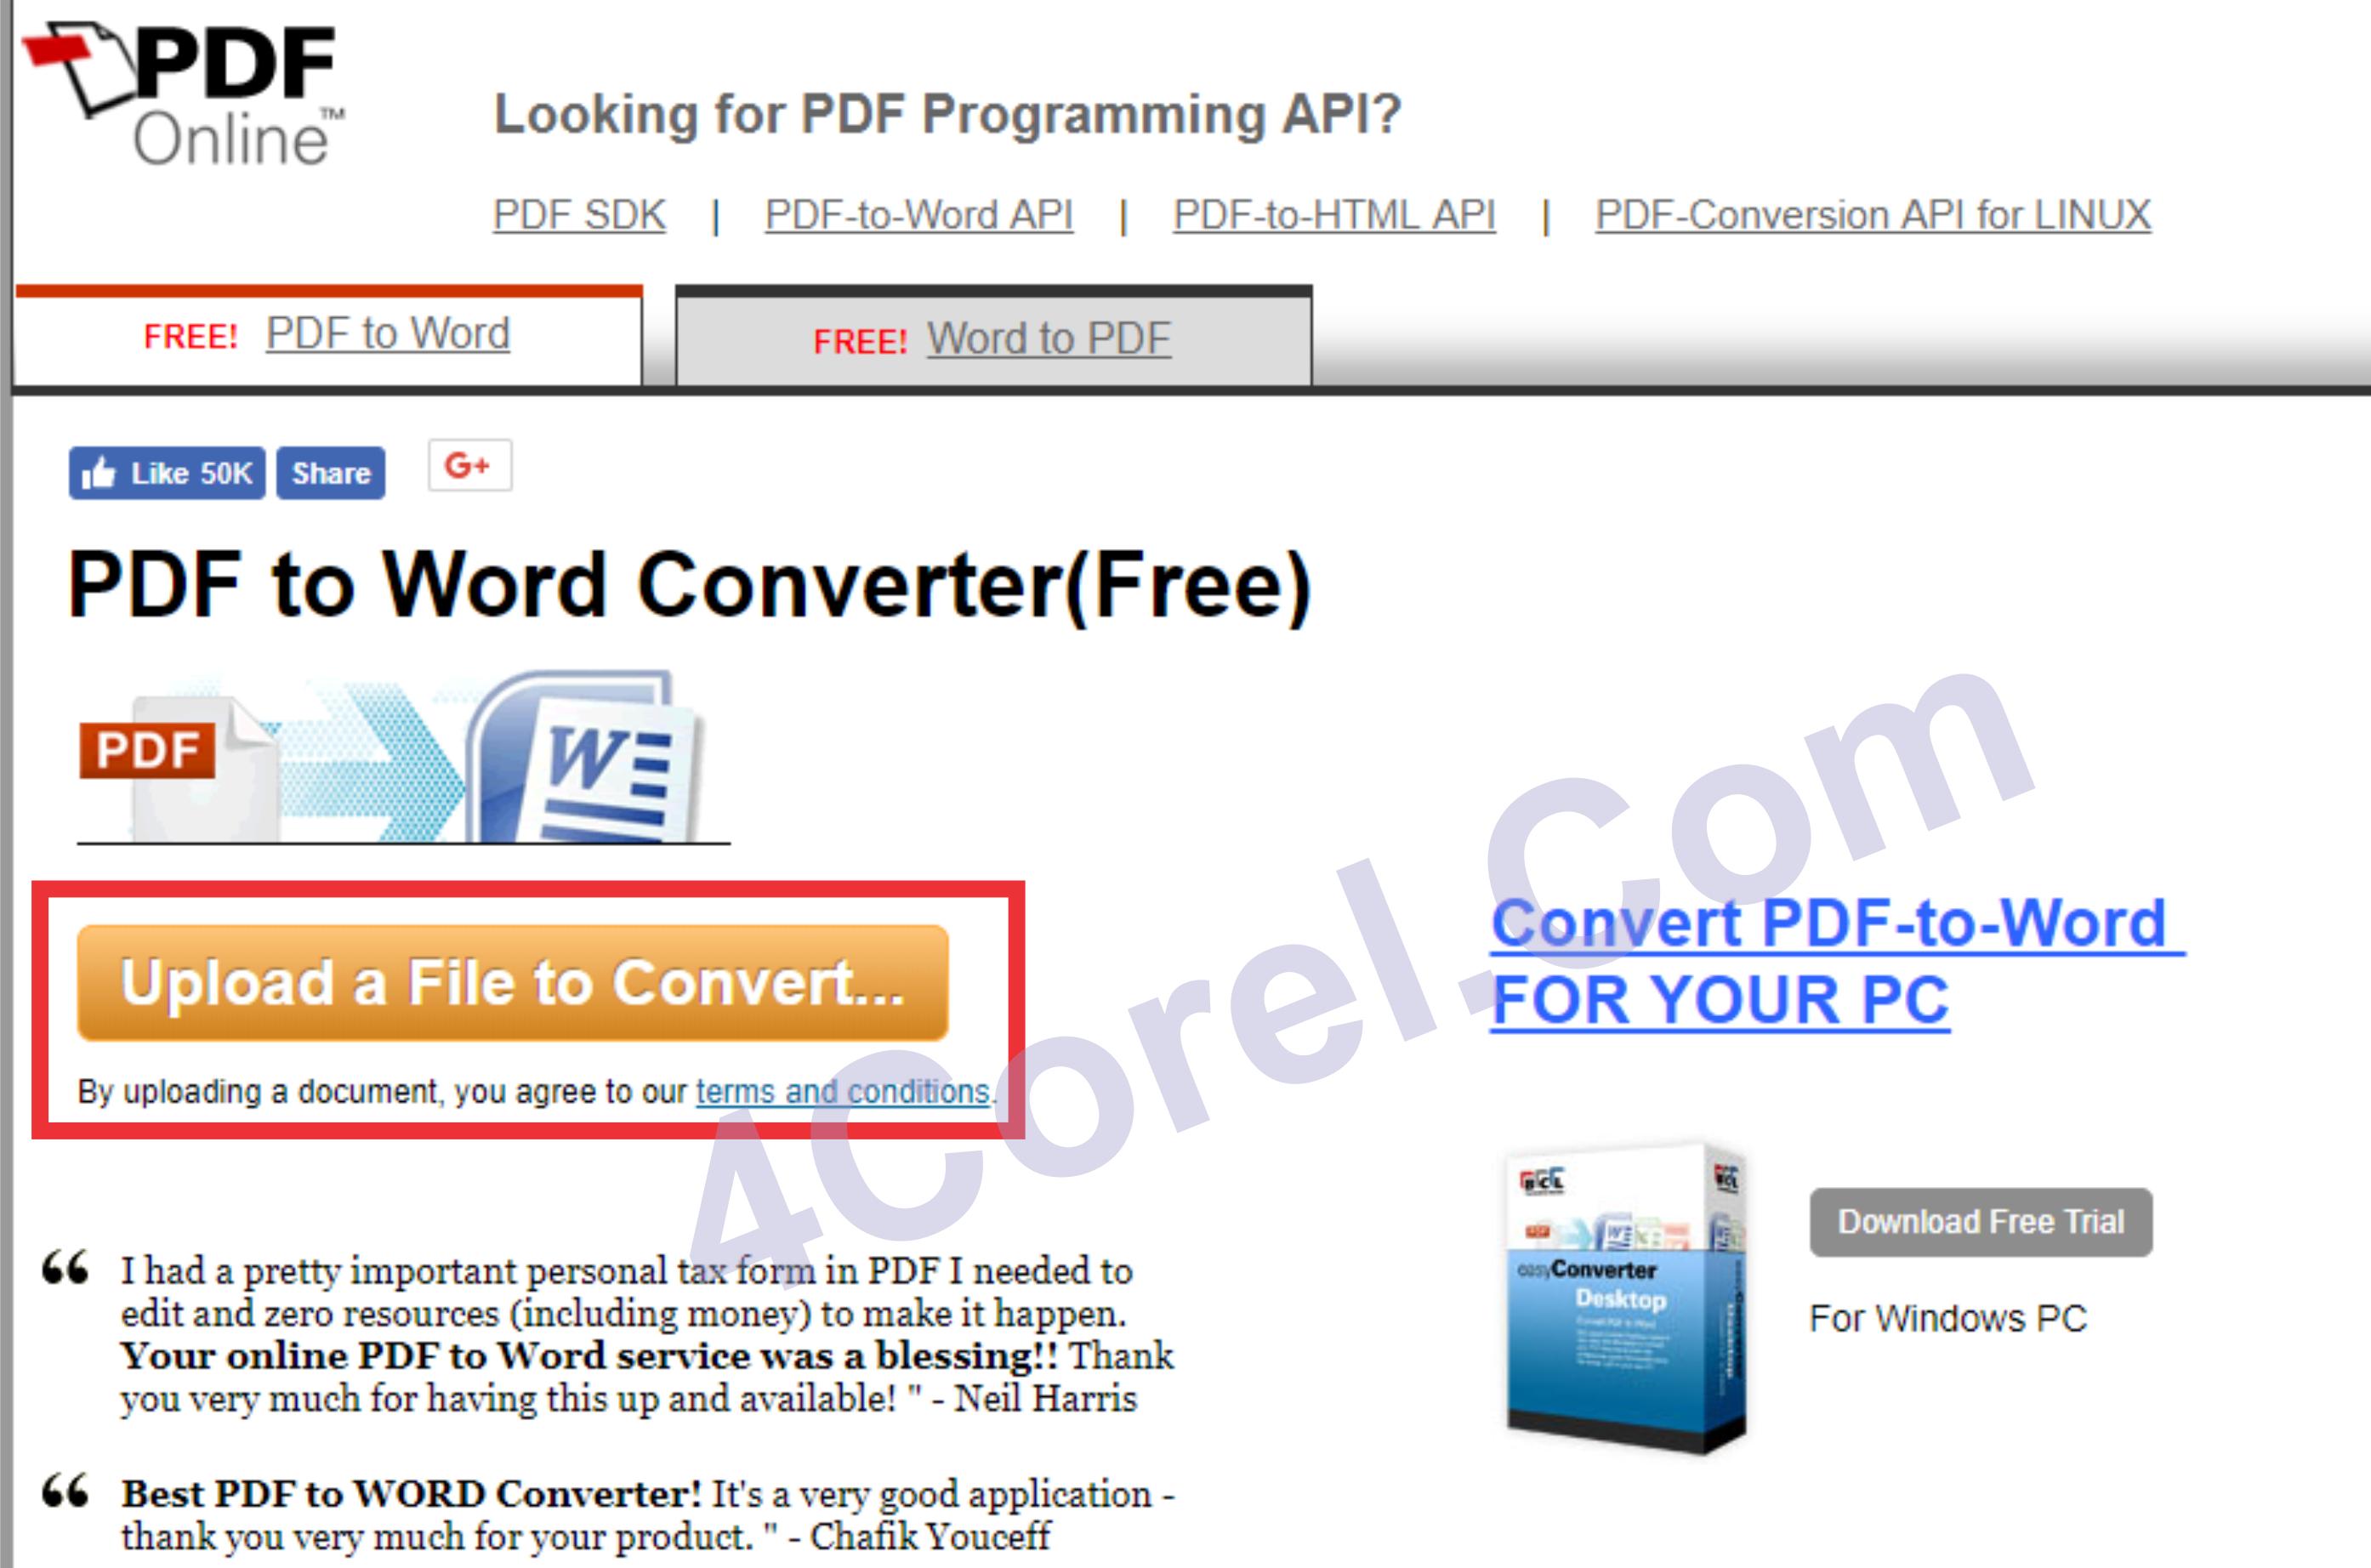 Tips Komputer Cara Mengubah File Pdf Ke Word Dengan Mudah Cepat Dan Gratis Tips Komputer Belajar